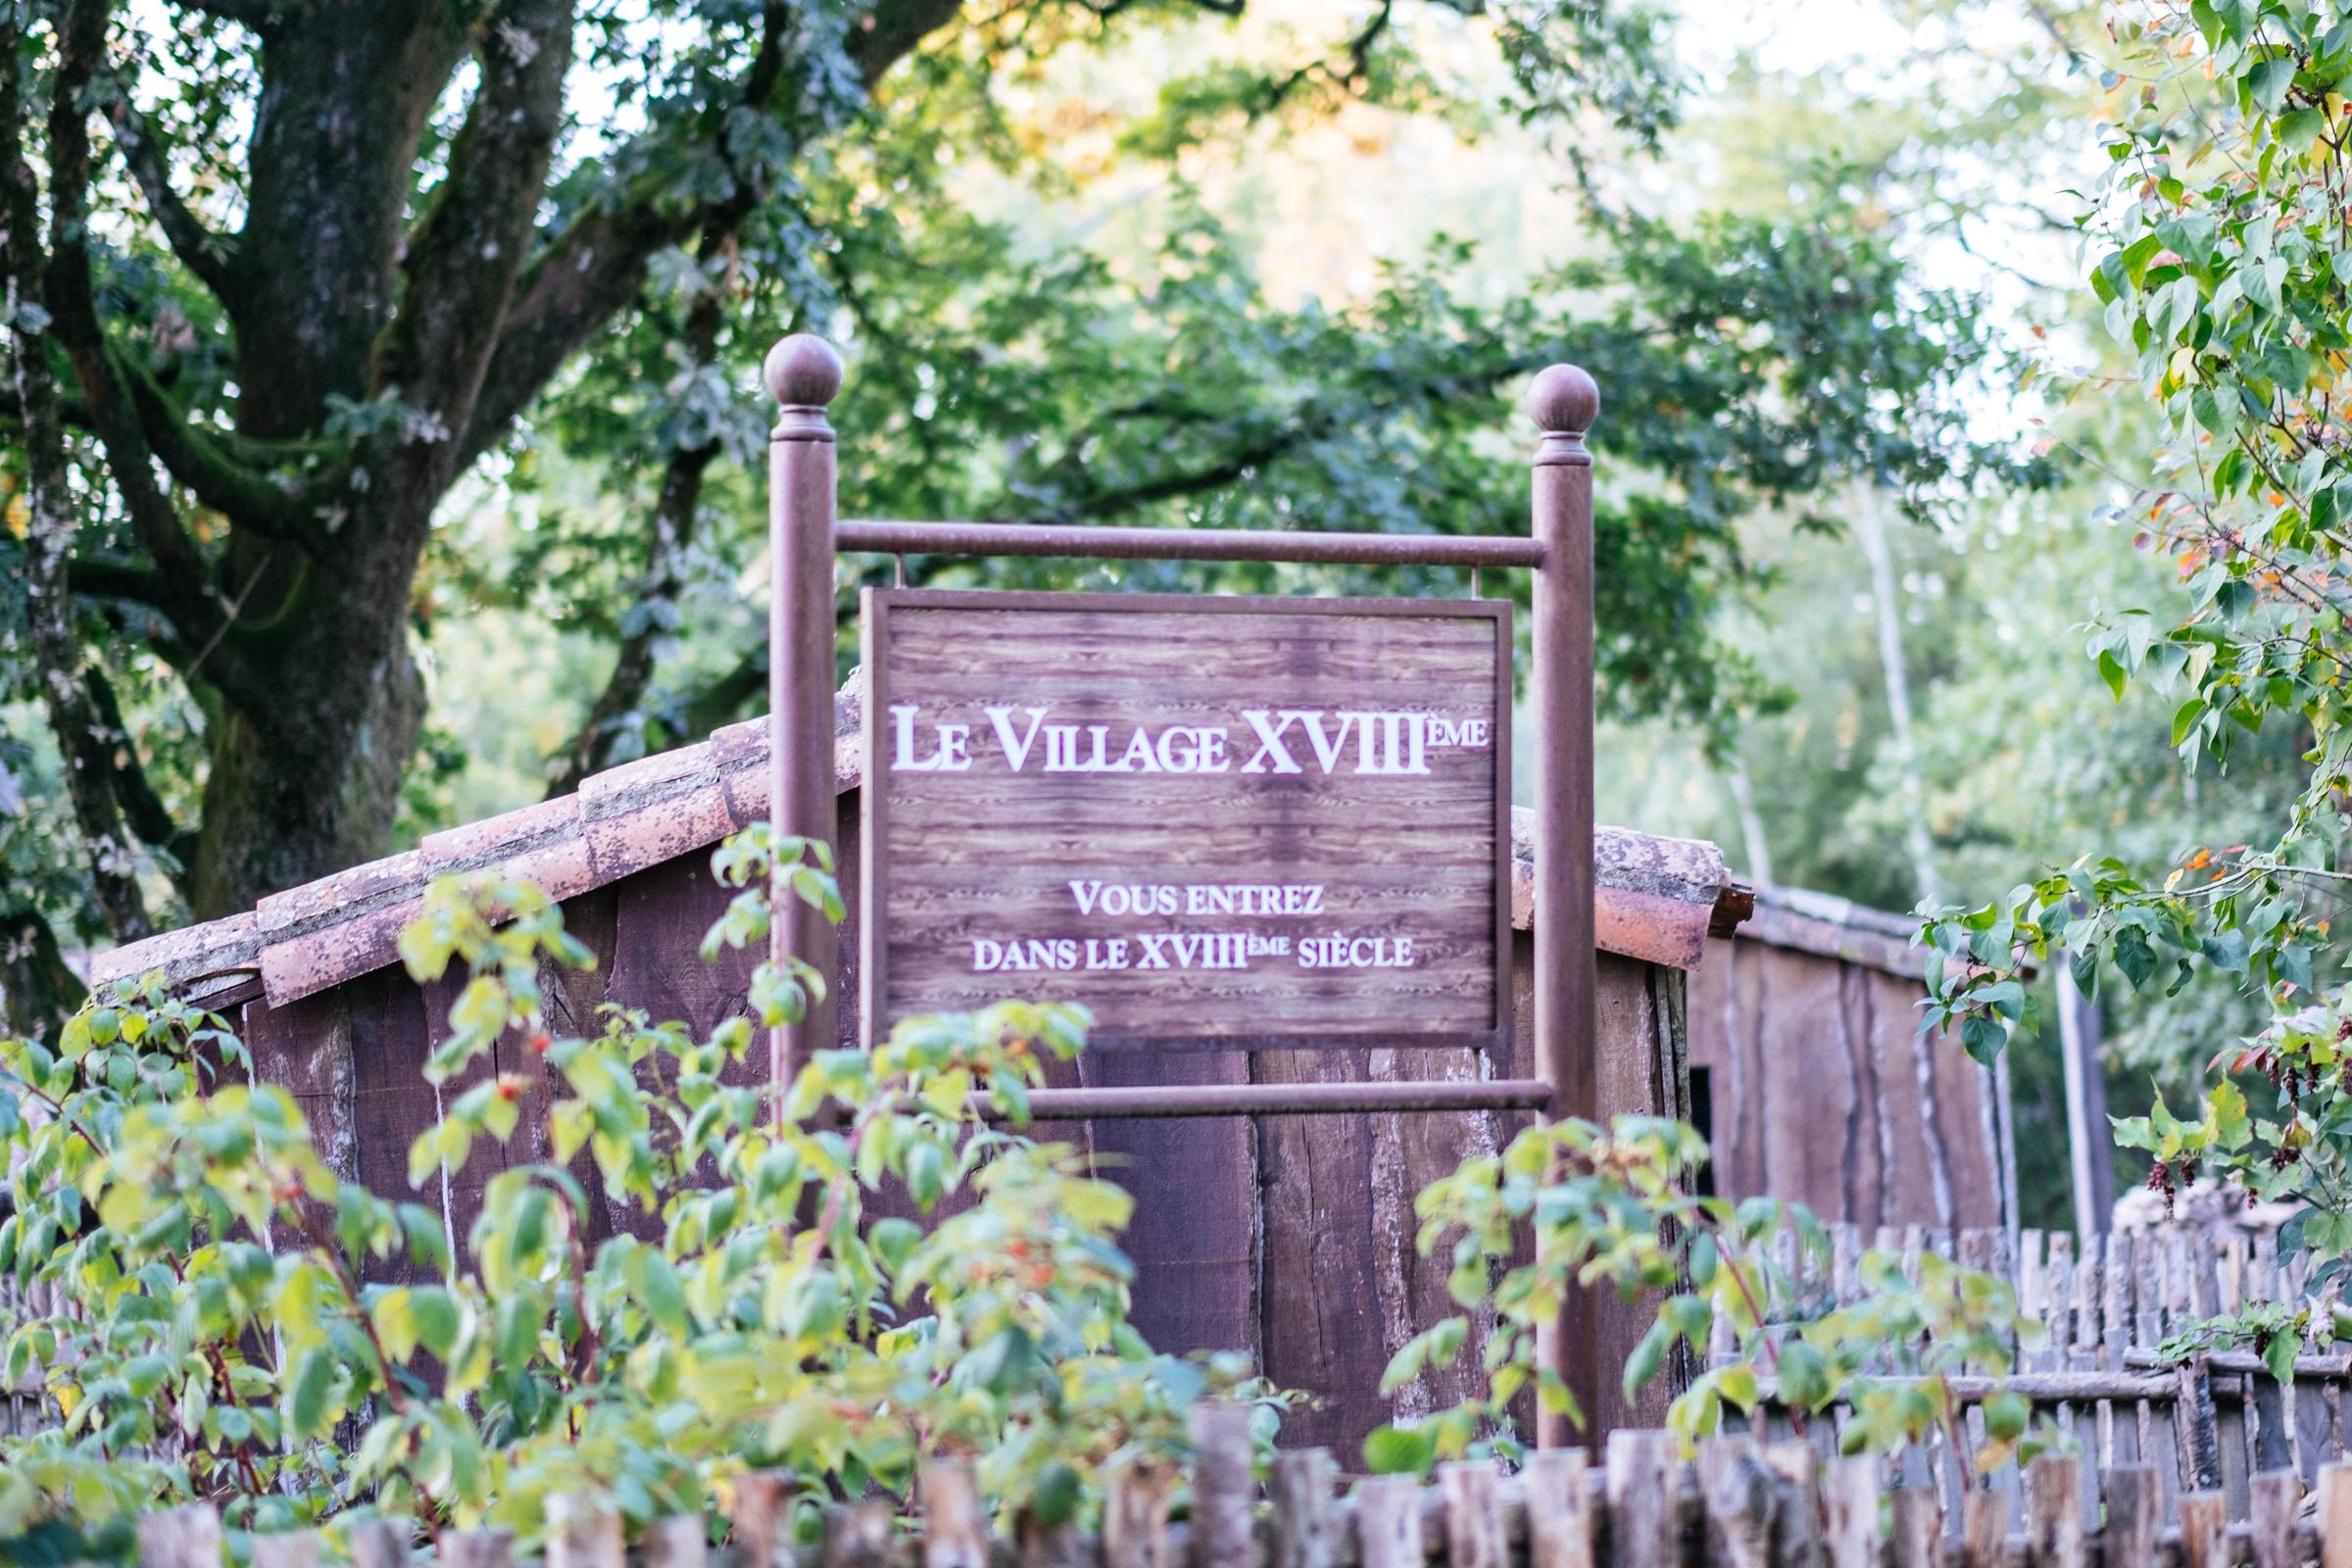 Puy du Fou - France - Le Village XVIIIe